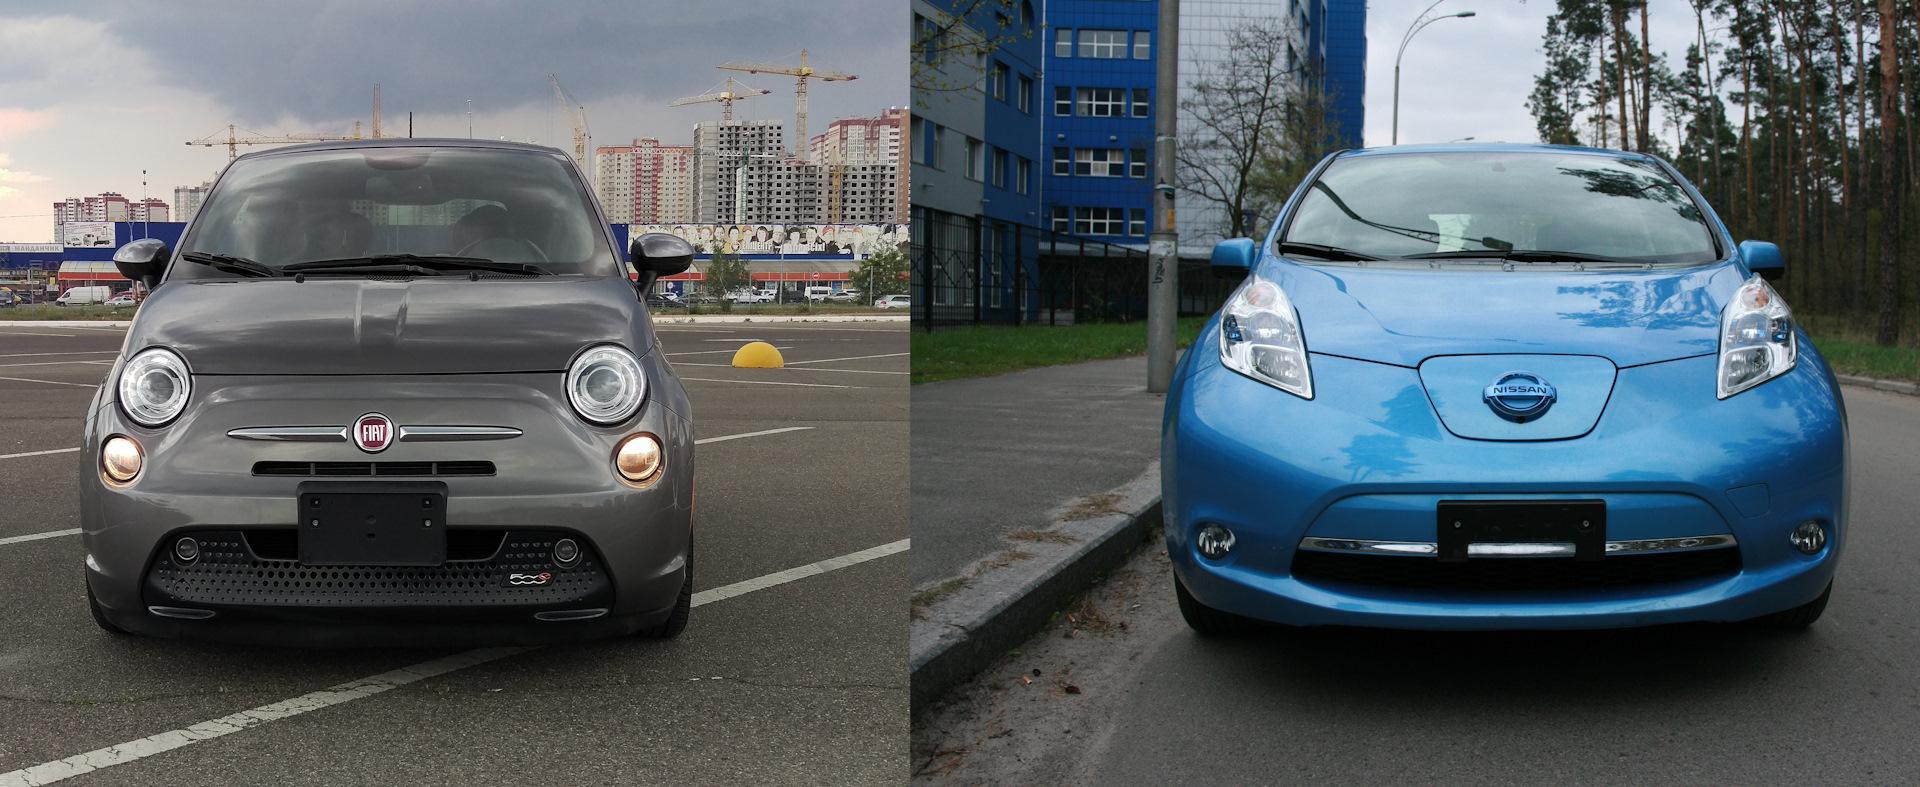 Появился у нас еще один электромобиль в семье это Nissan Leaf Sl 2017 года